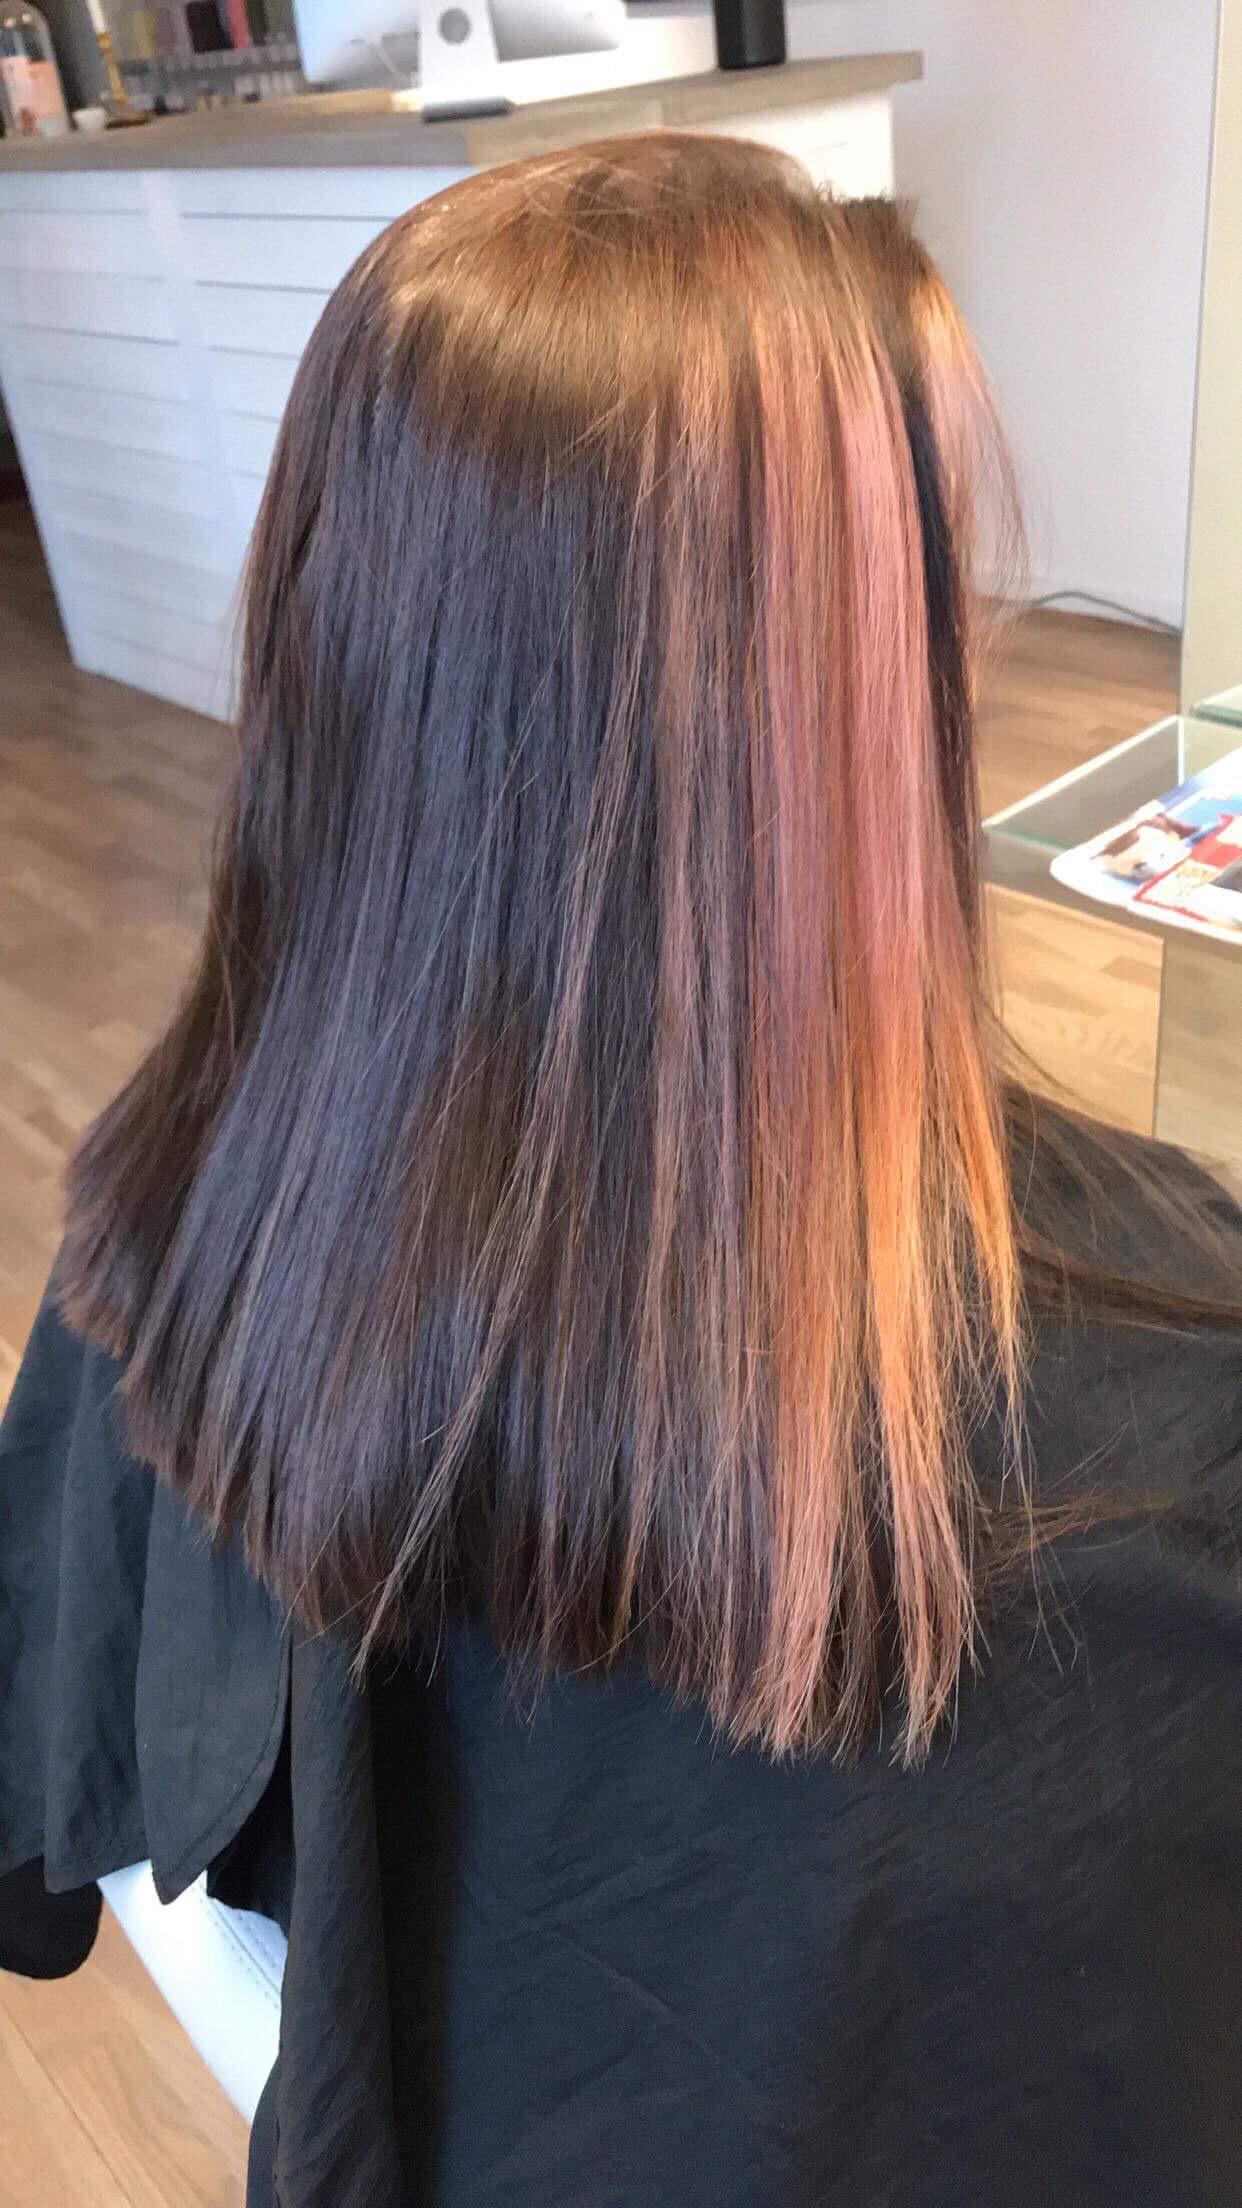 Epic Hair Malmö, Frisör Malmö, Malmö, Epic Hair, Frisör, Frisör Malmö, amandahans, skönhetsblogg, frisörbesök, förebild